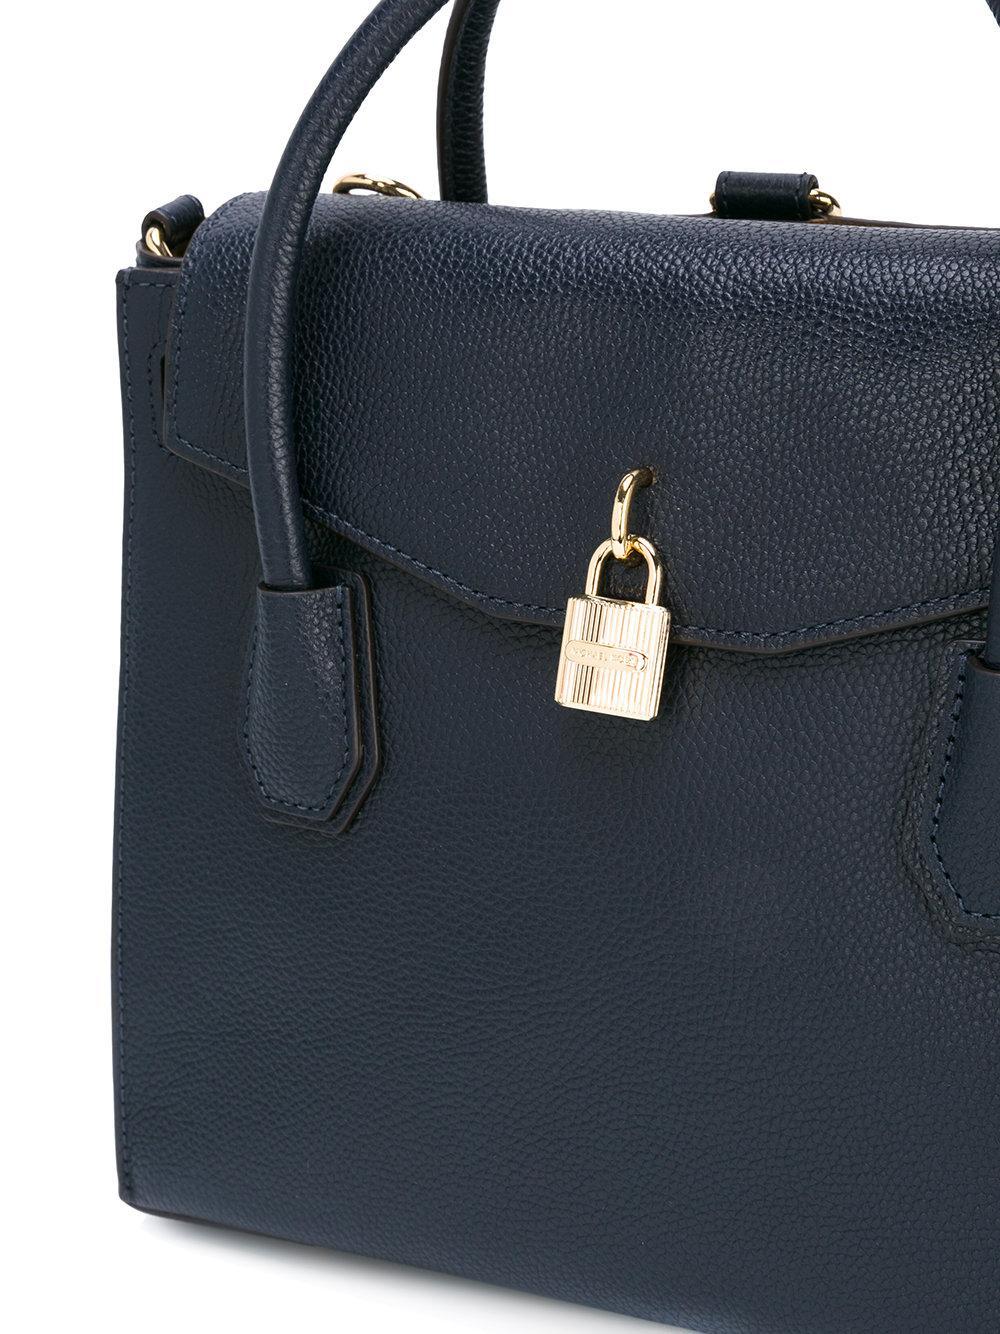 lyst michael kors large mercer tote bag in blue. Black Bedroom Furniture Sets. Home Design Ideas